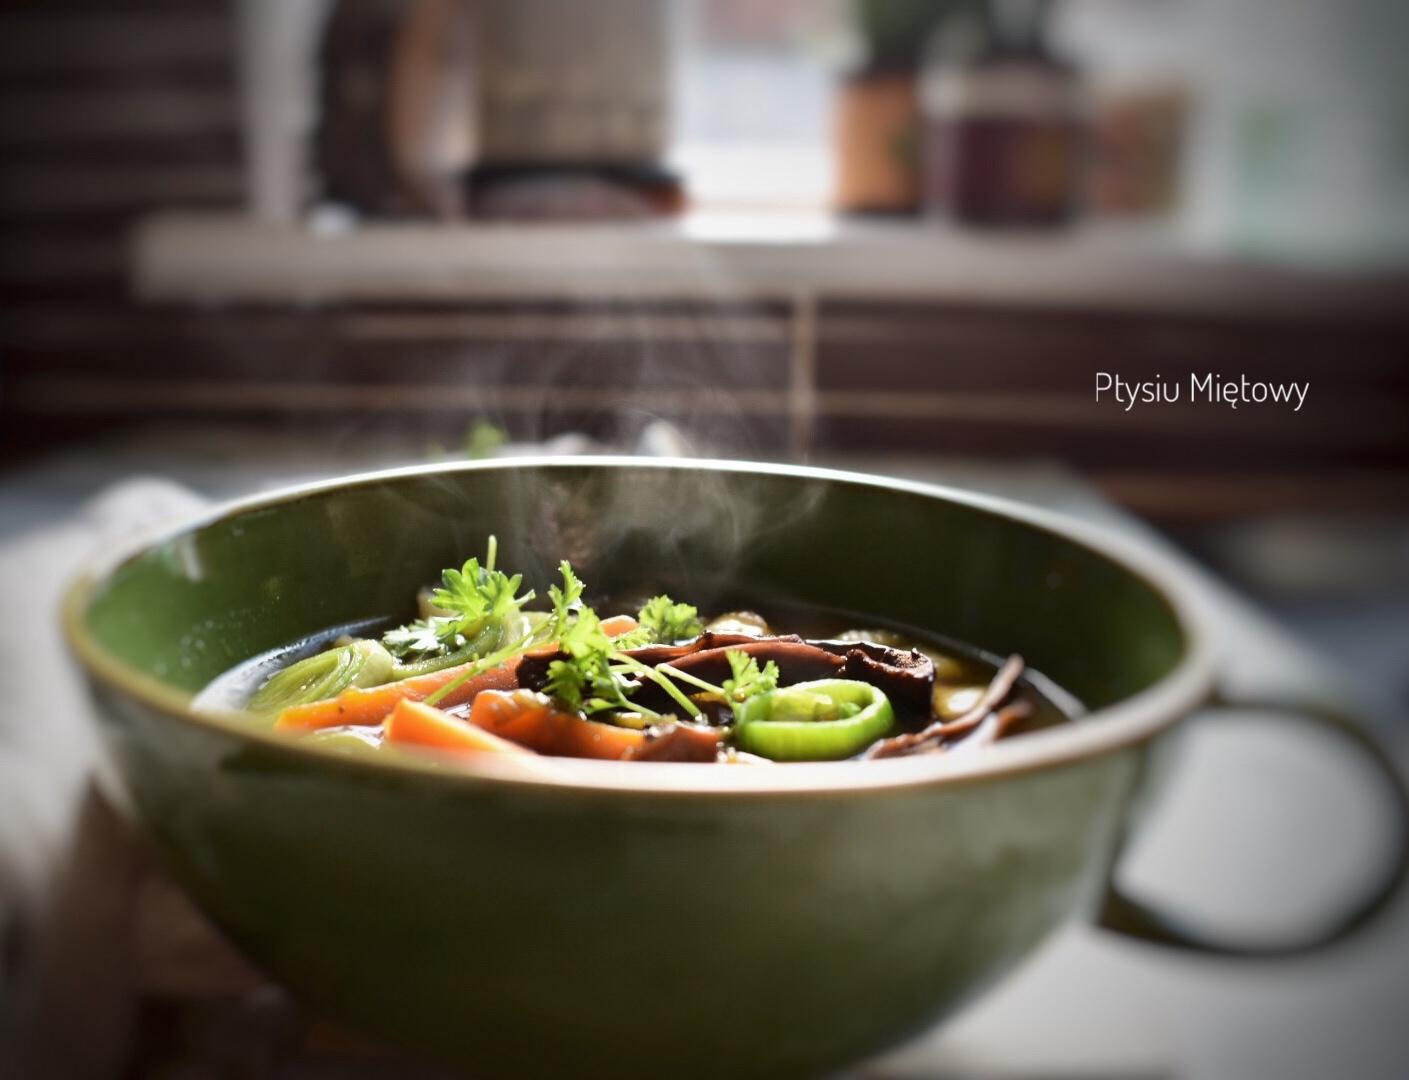 zupa, grzyby, ptysiu mietowy